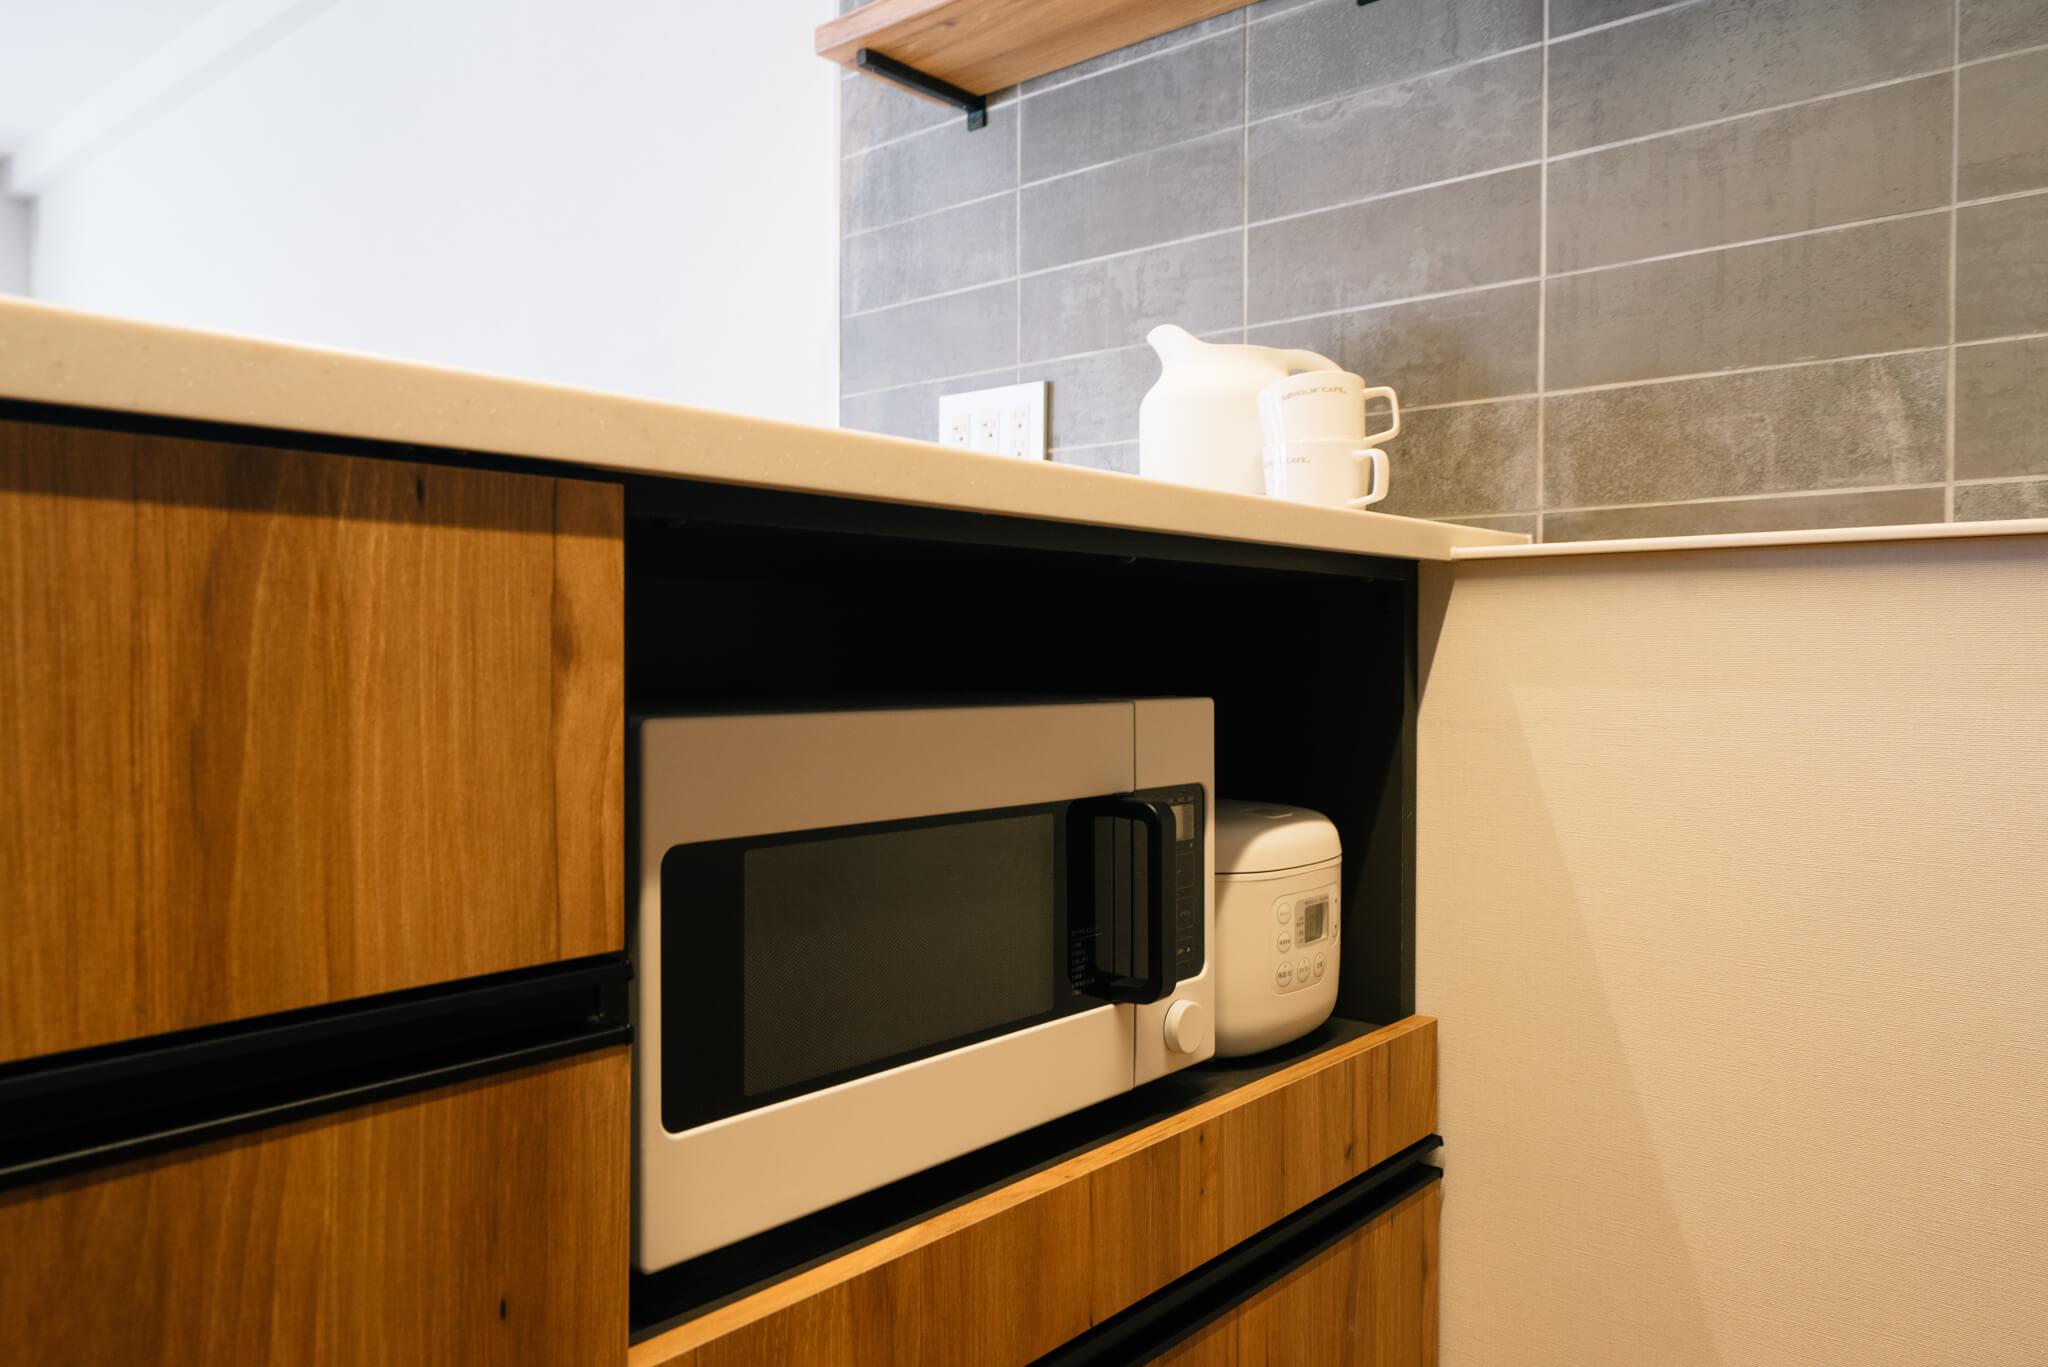 感心してしまったのは、レンジや炊飯器などをしまうスペースもしっかり考えられているところ。手前に引き出して使うこともできます。